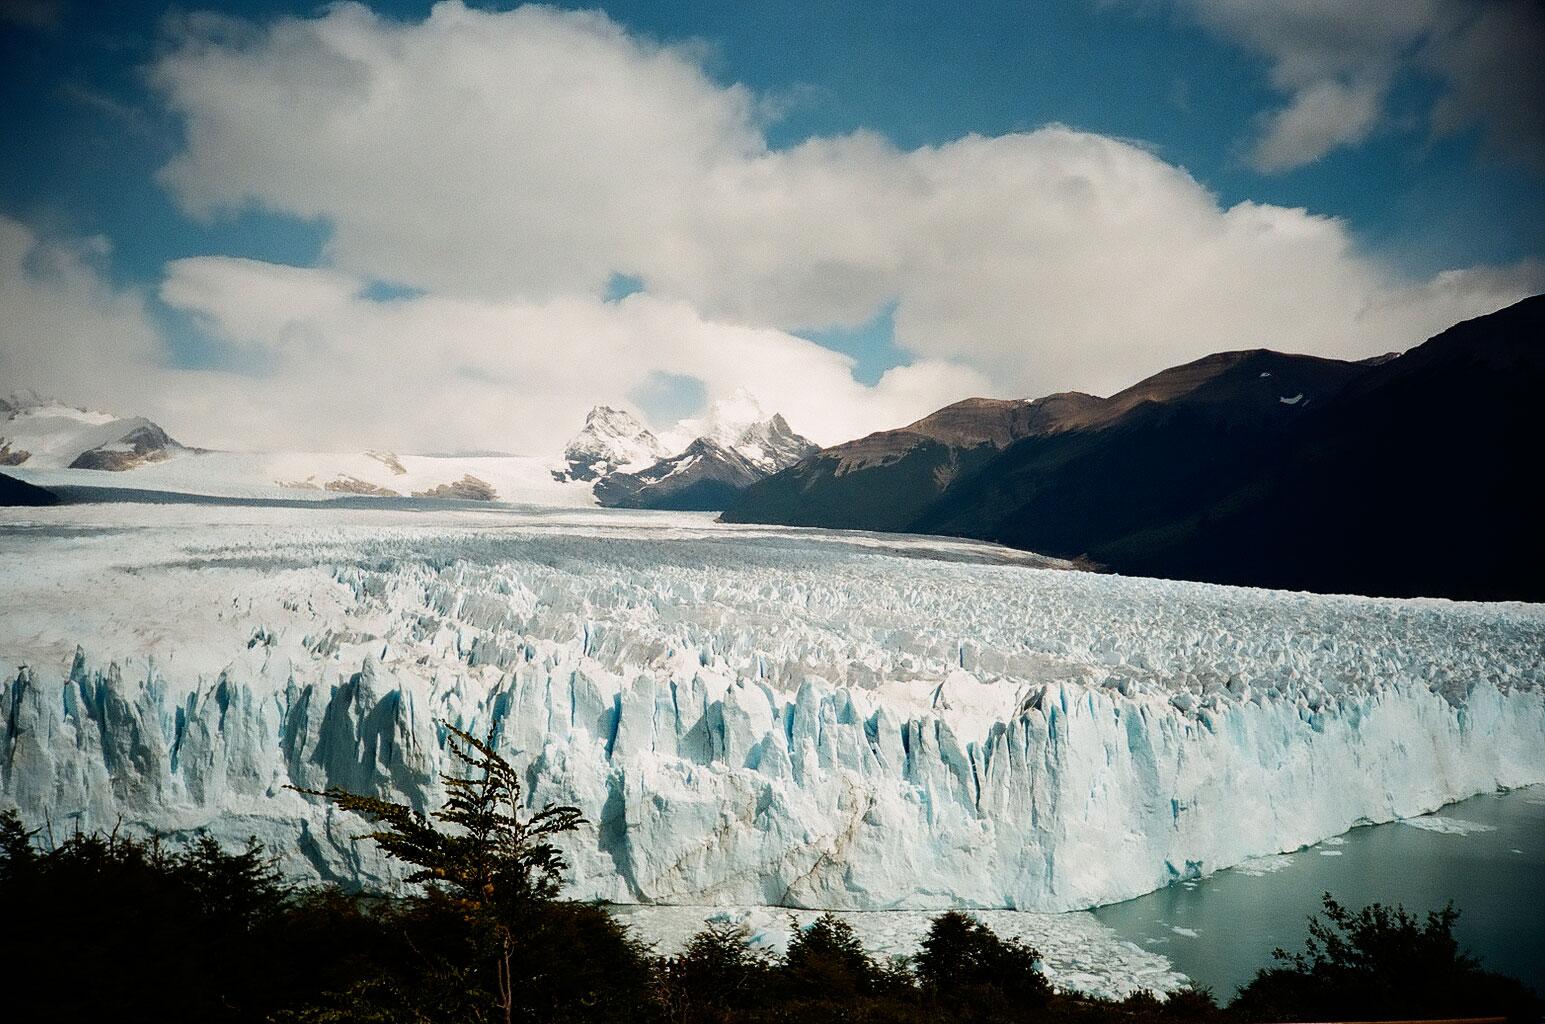 Ebenso beeindruckend: die Eismassen des 254 km² großen Gletschers Perito Moreno im Nationalpark Los Glaciares. Foto: Lothar Ruttner